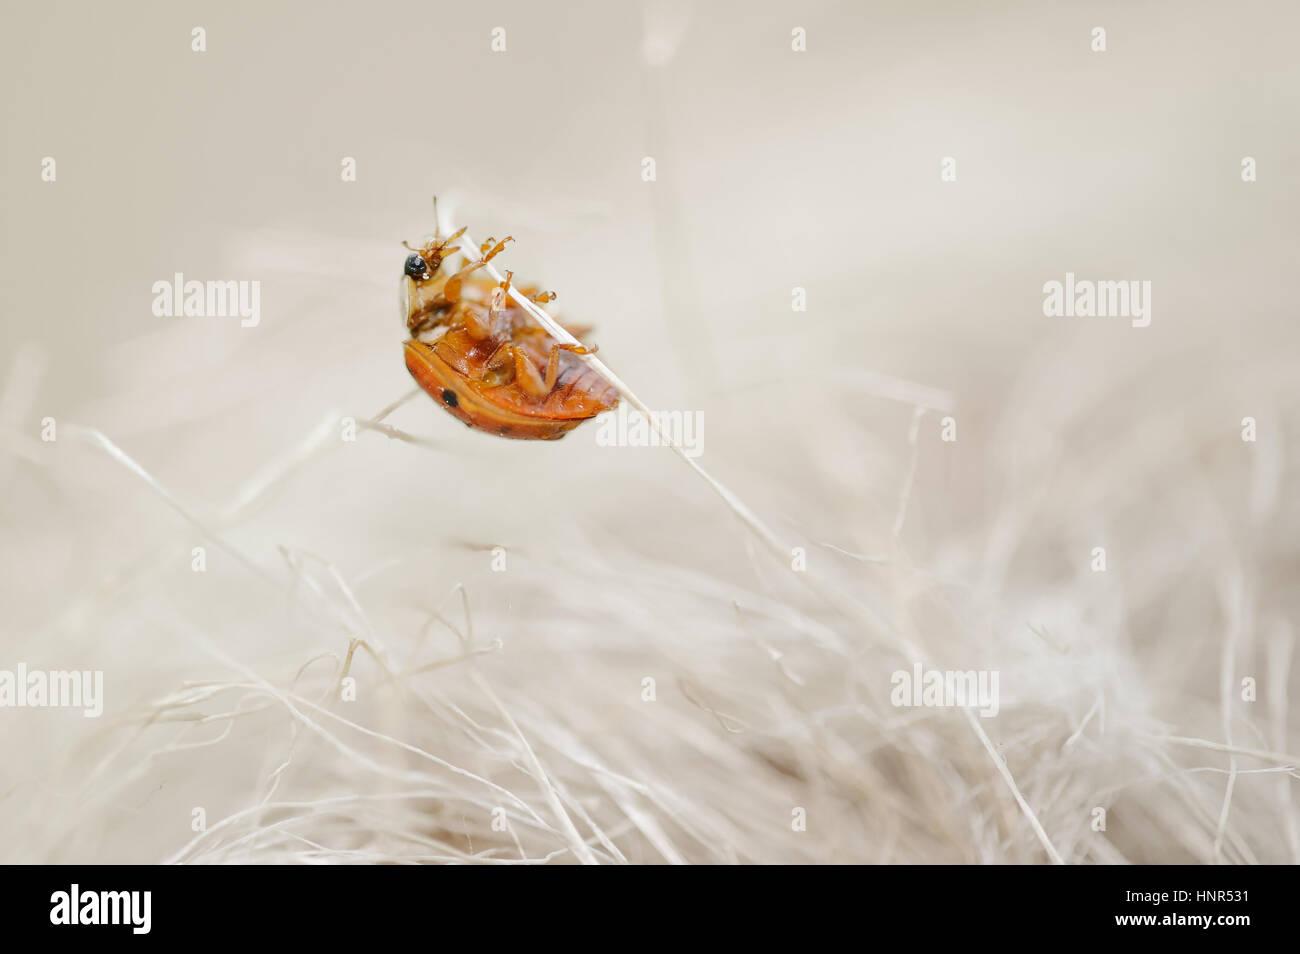 Ladybug mirando como un monstruo de horror. Bug de miedo subir en tallos de color beige. Foto de stock